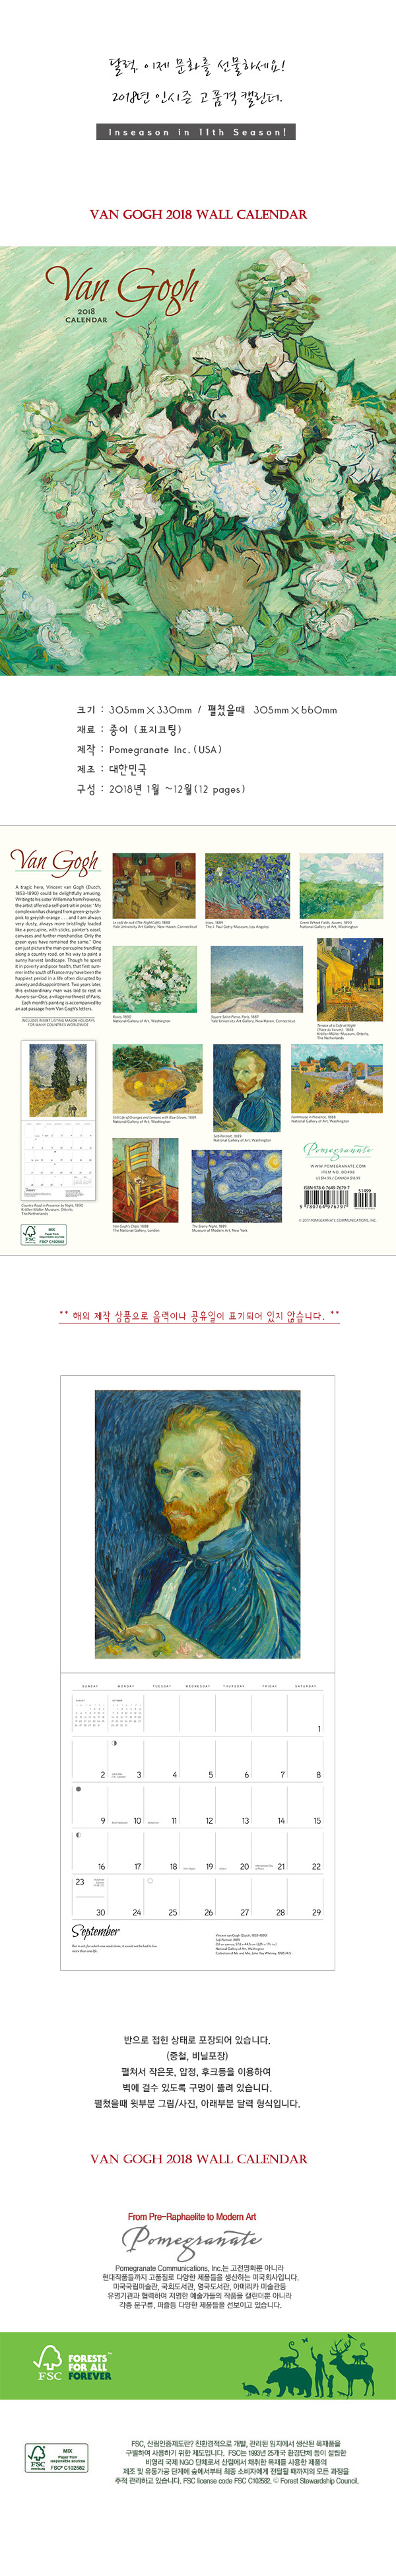 2018 캘린더 Van Gogh19,000원-포미그레닛디자인문구, 다이어리/캘린더, 캘린더, 벽걸이캘린더날짜형바보사랑2018 캘린더 Van Gogh19,000원-포미그레닛디자인문구, 다이어리/캘린더, 캘린더, 벽걸이캘린더날짜형바보사랑